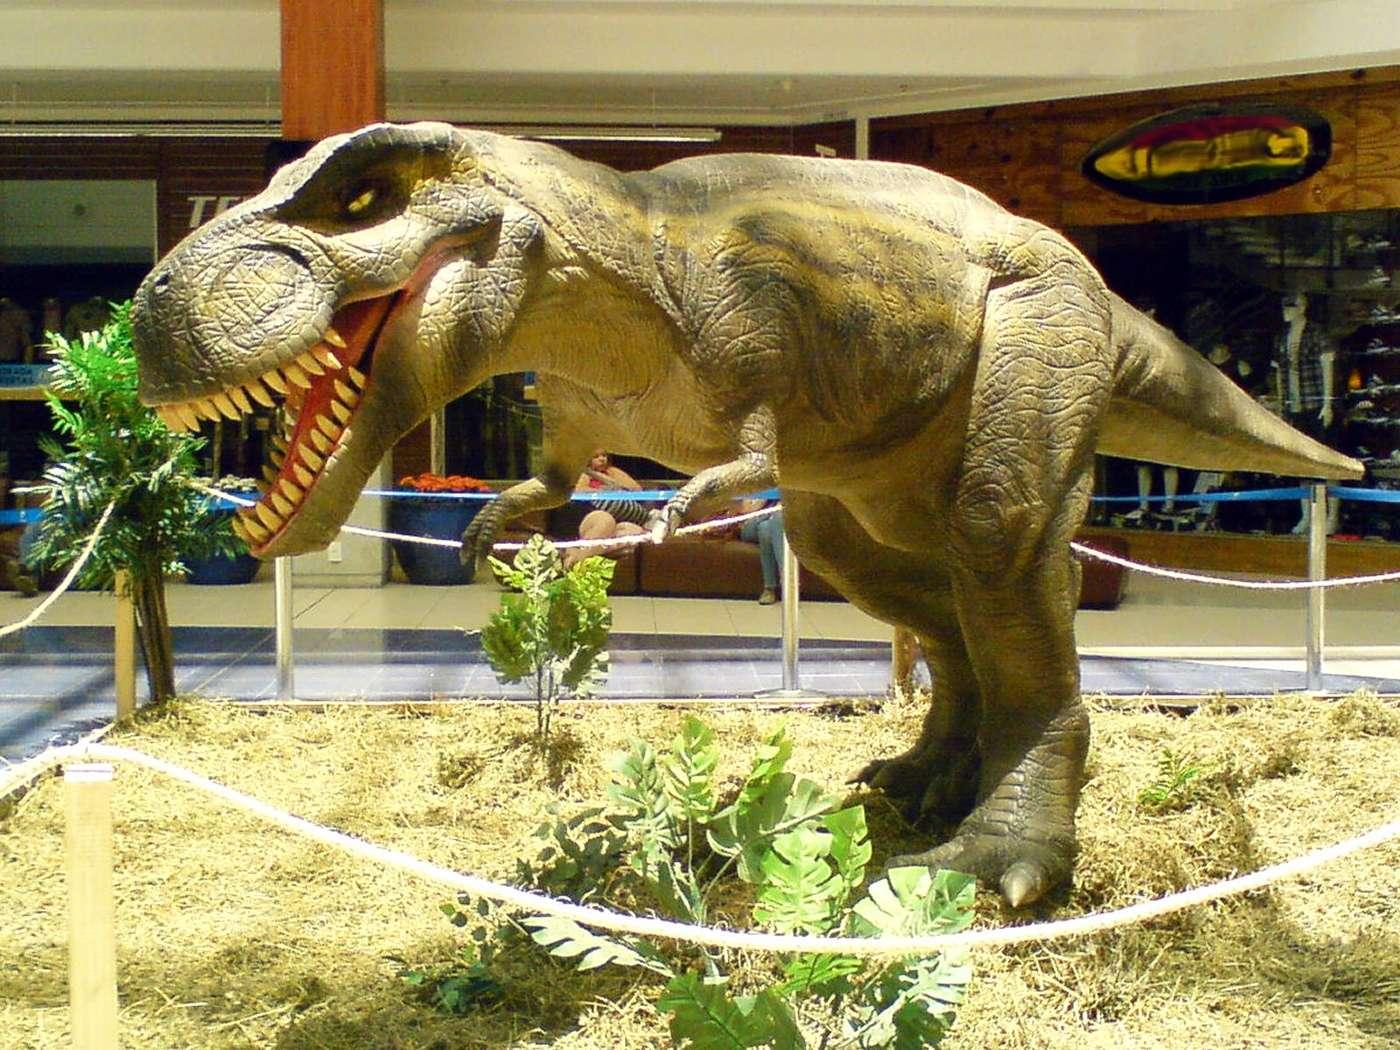 Le tyrannosaure (ici une maquette) était à l'occasion cannibale, comme l'ont montré des traces de morsures sur les os de l'un de ses semblables. L'observation vient en confirmer une autre et le tyrannosaure ne semblait pas être le seul dinosaure dans ce cas. © Rachmaninoff, licence CC BY-SA 3.0